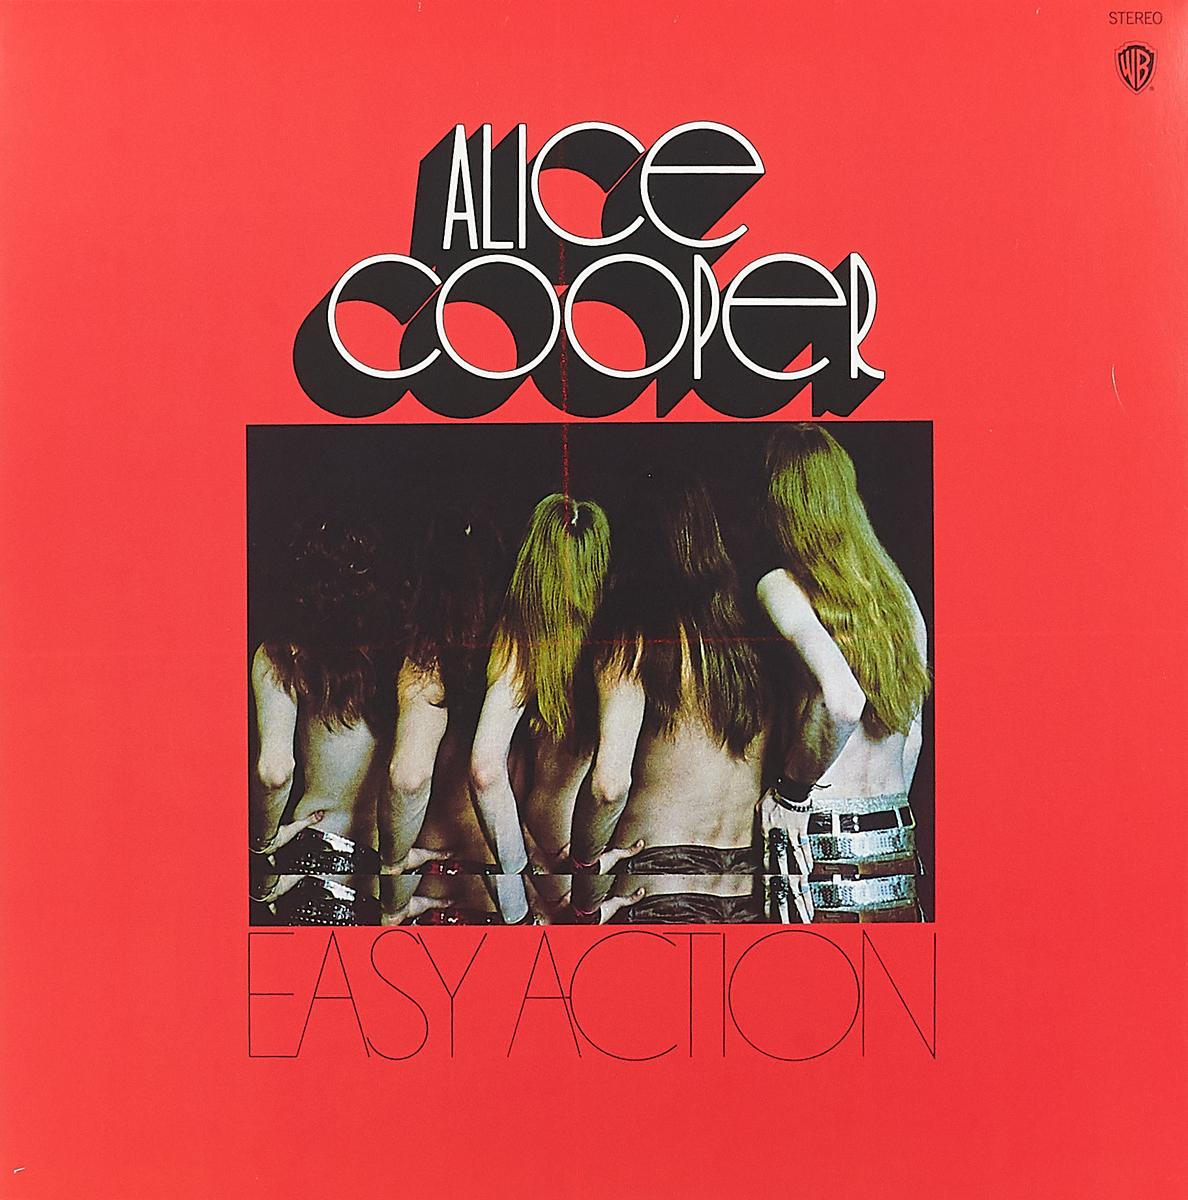 Элис Купер Alice Cooper. Easy Action (LP) элис купер alice cooper killer lp